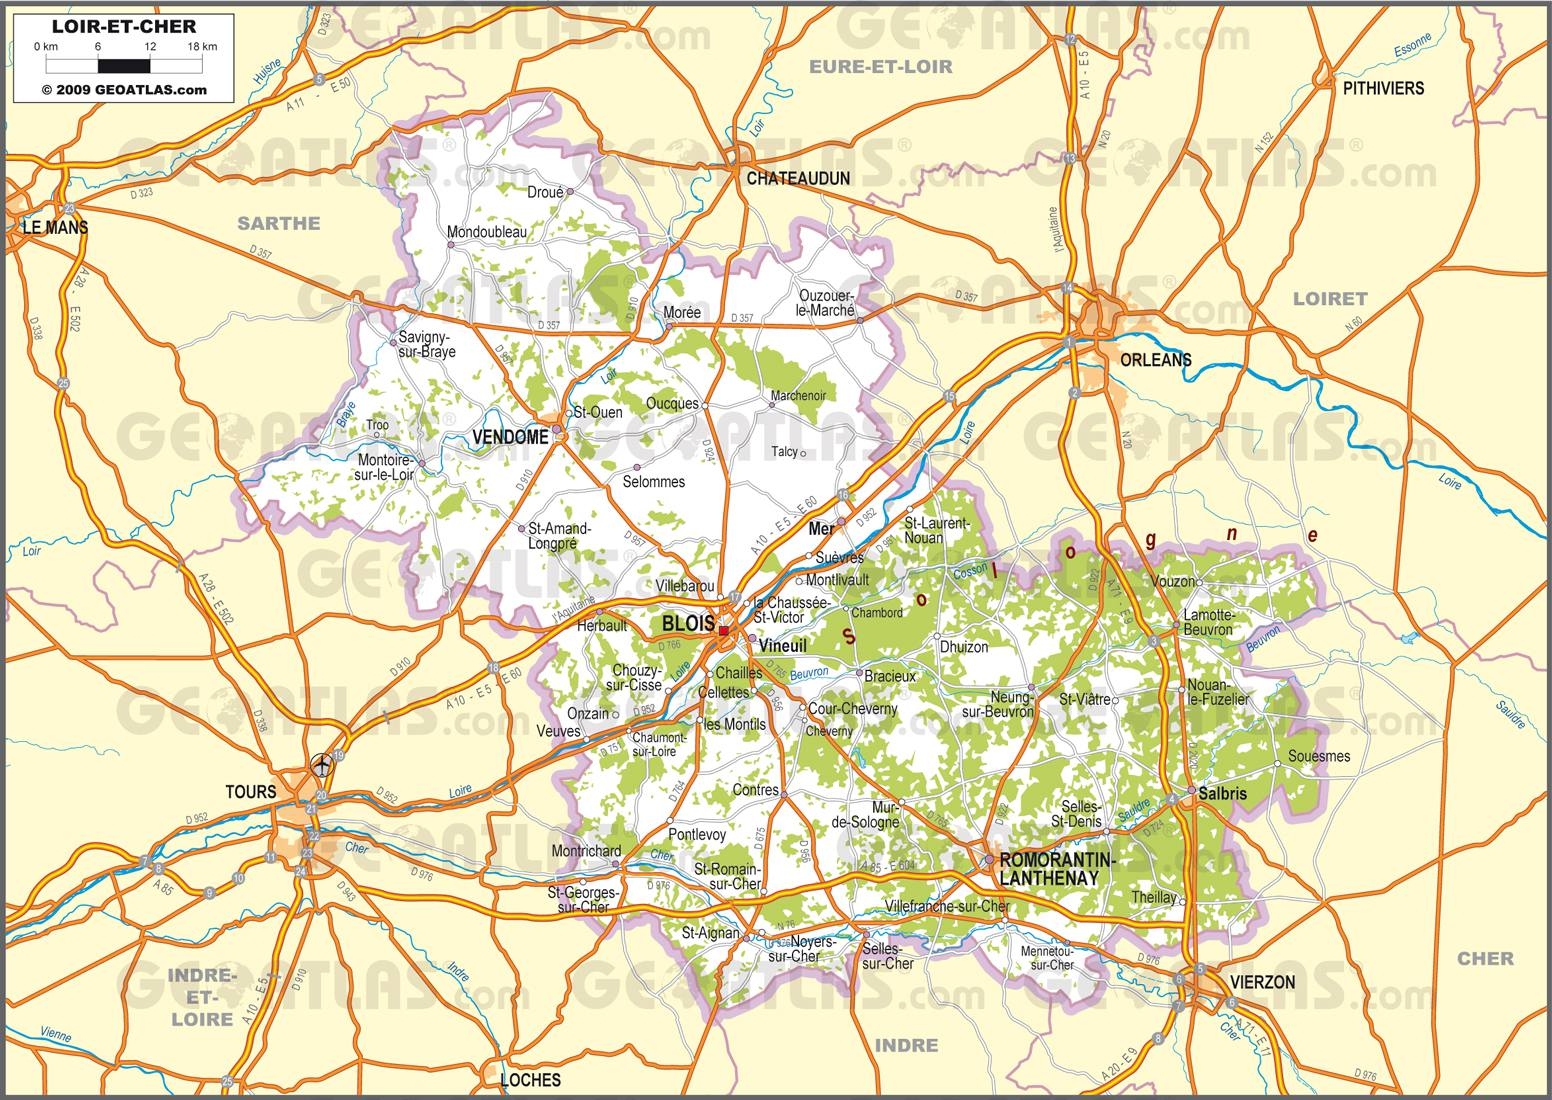 Carte routière du Loir-et-Cher